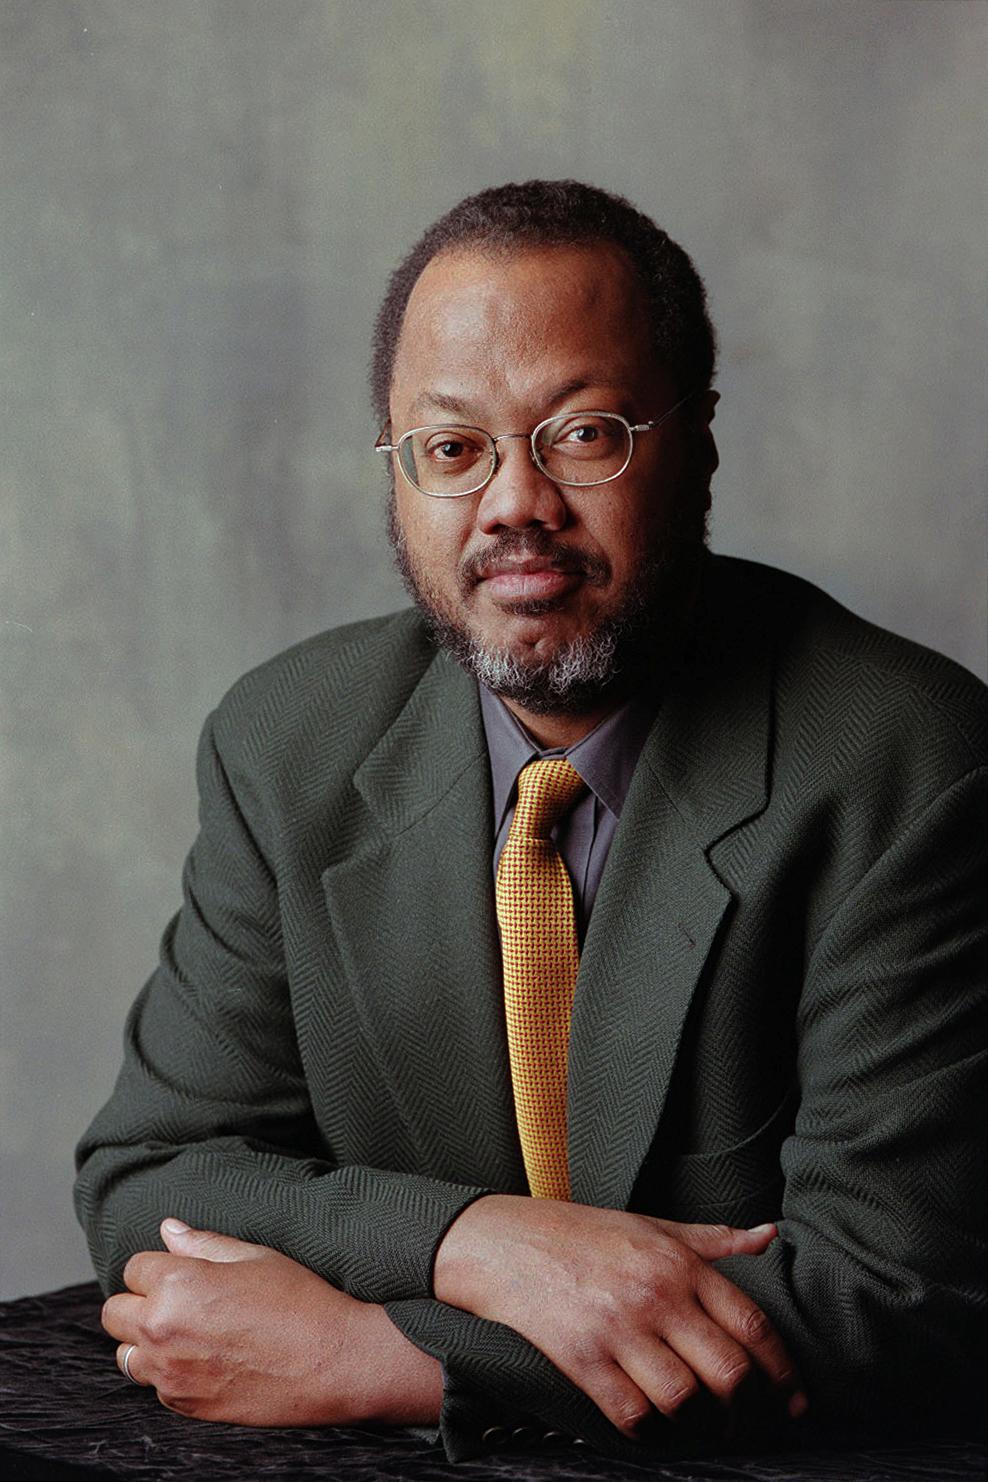 black men and public space thesis 91 121 113 106 black men and public space thesis